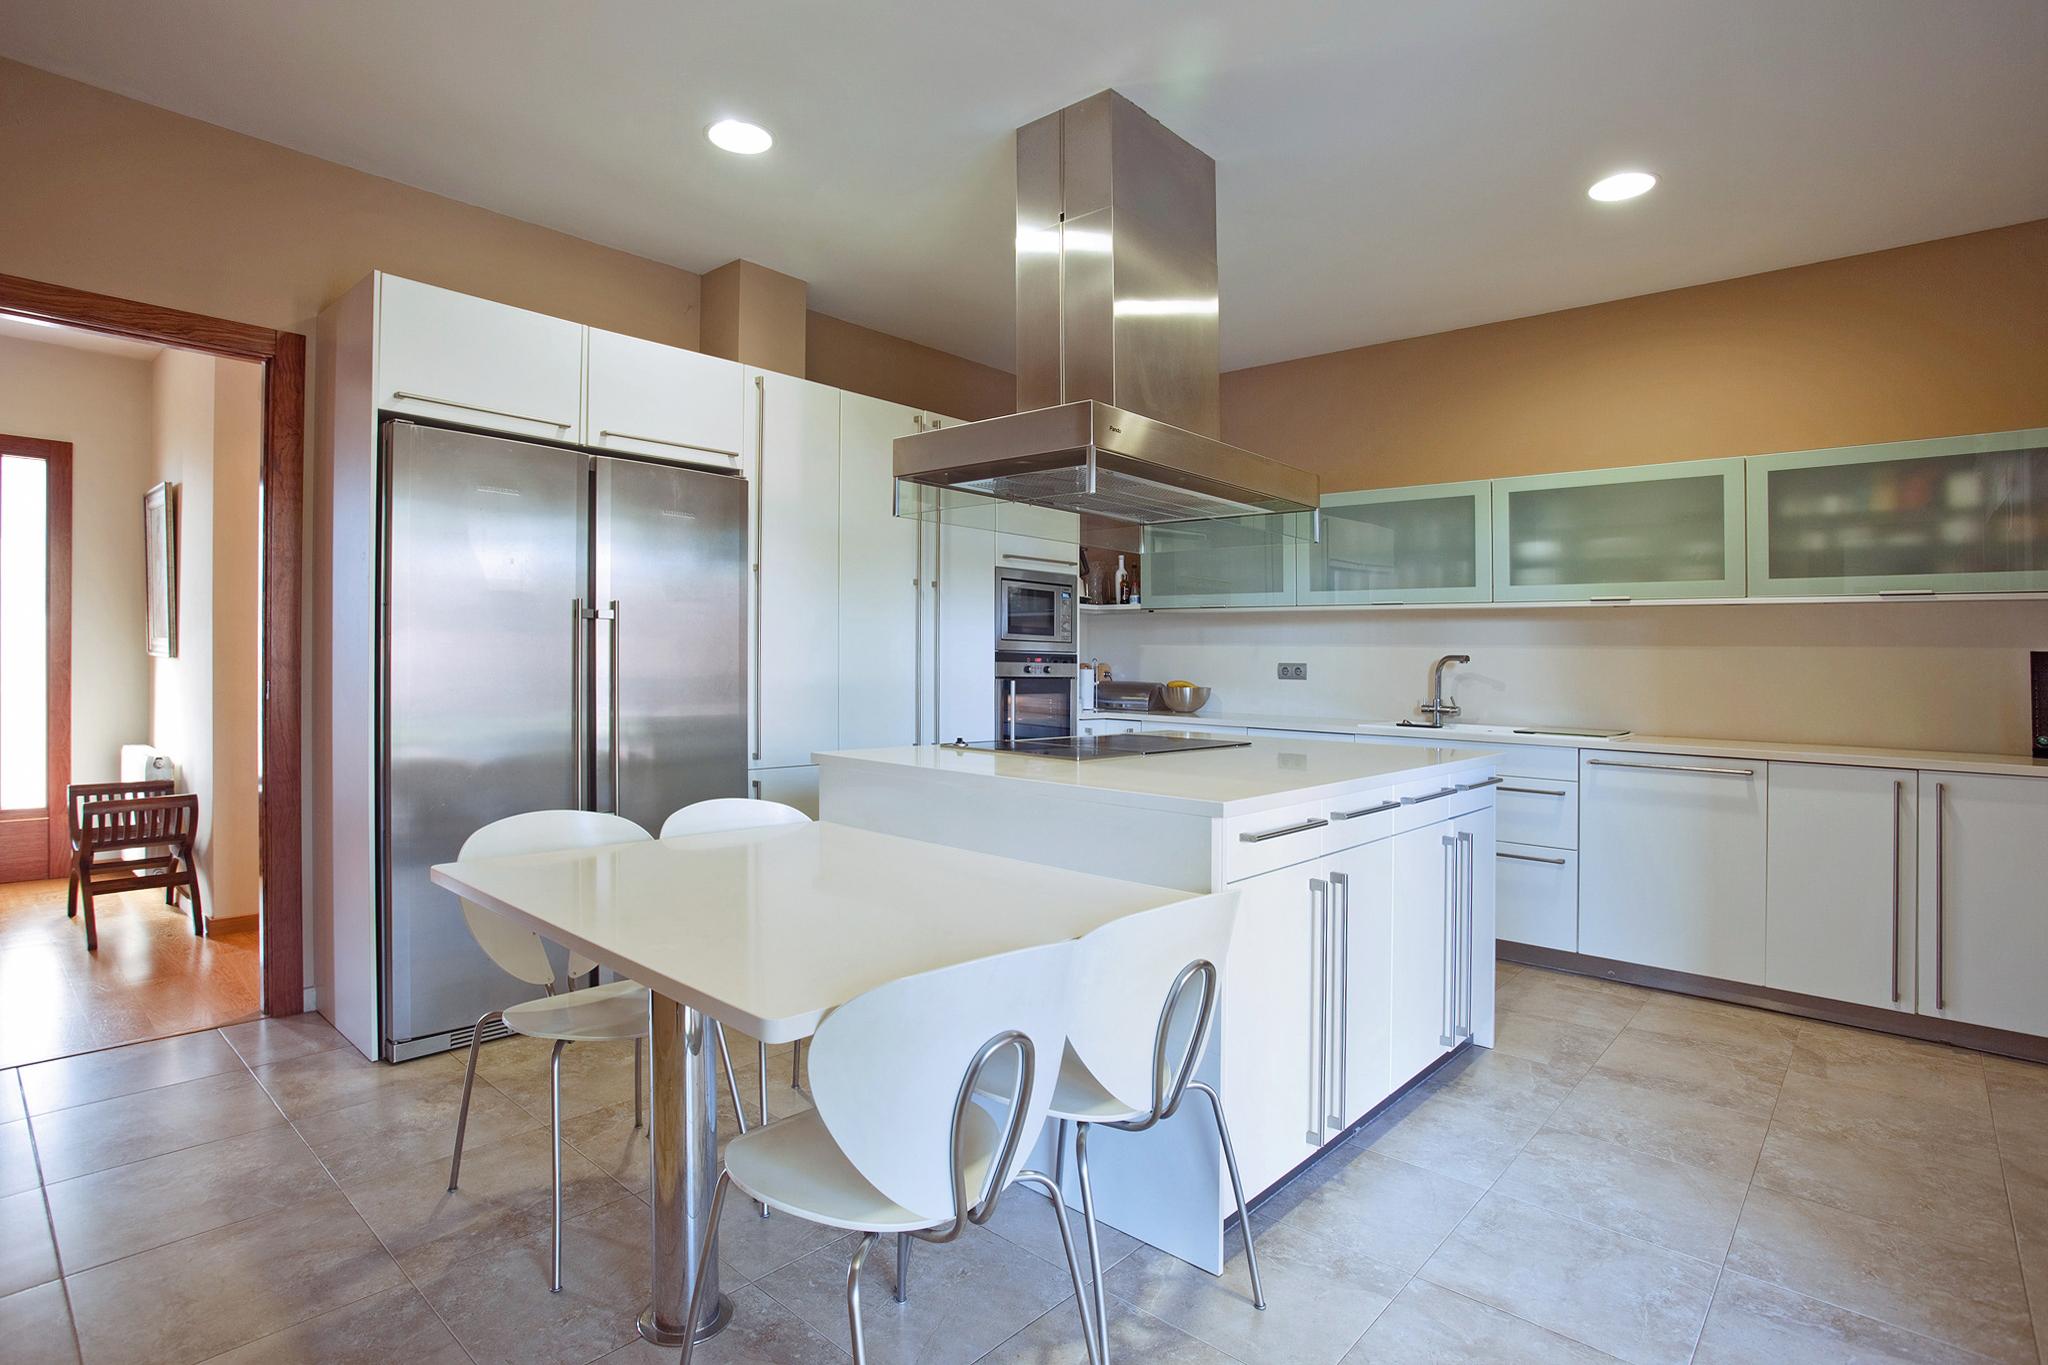 cocina-kitchen-white-muvhausfotografia-inmobiliaria-realestatephotography